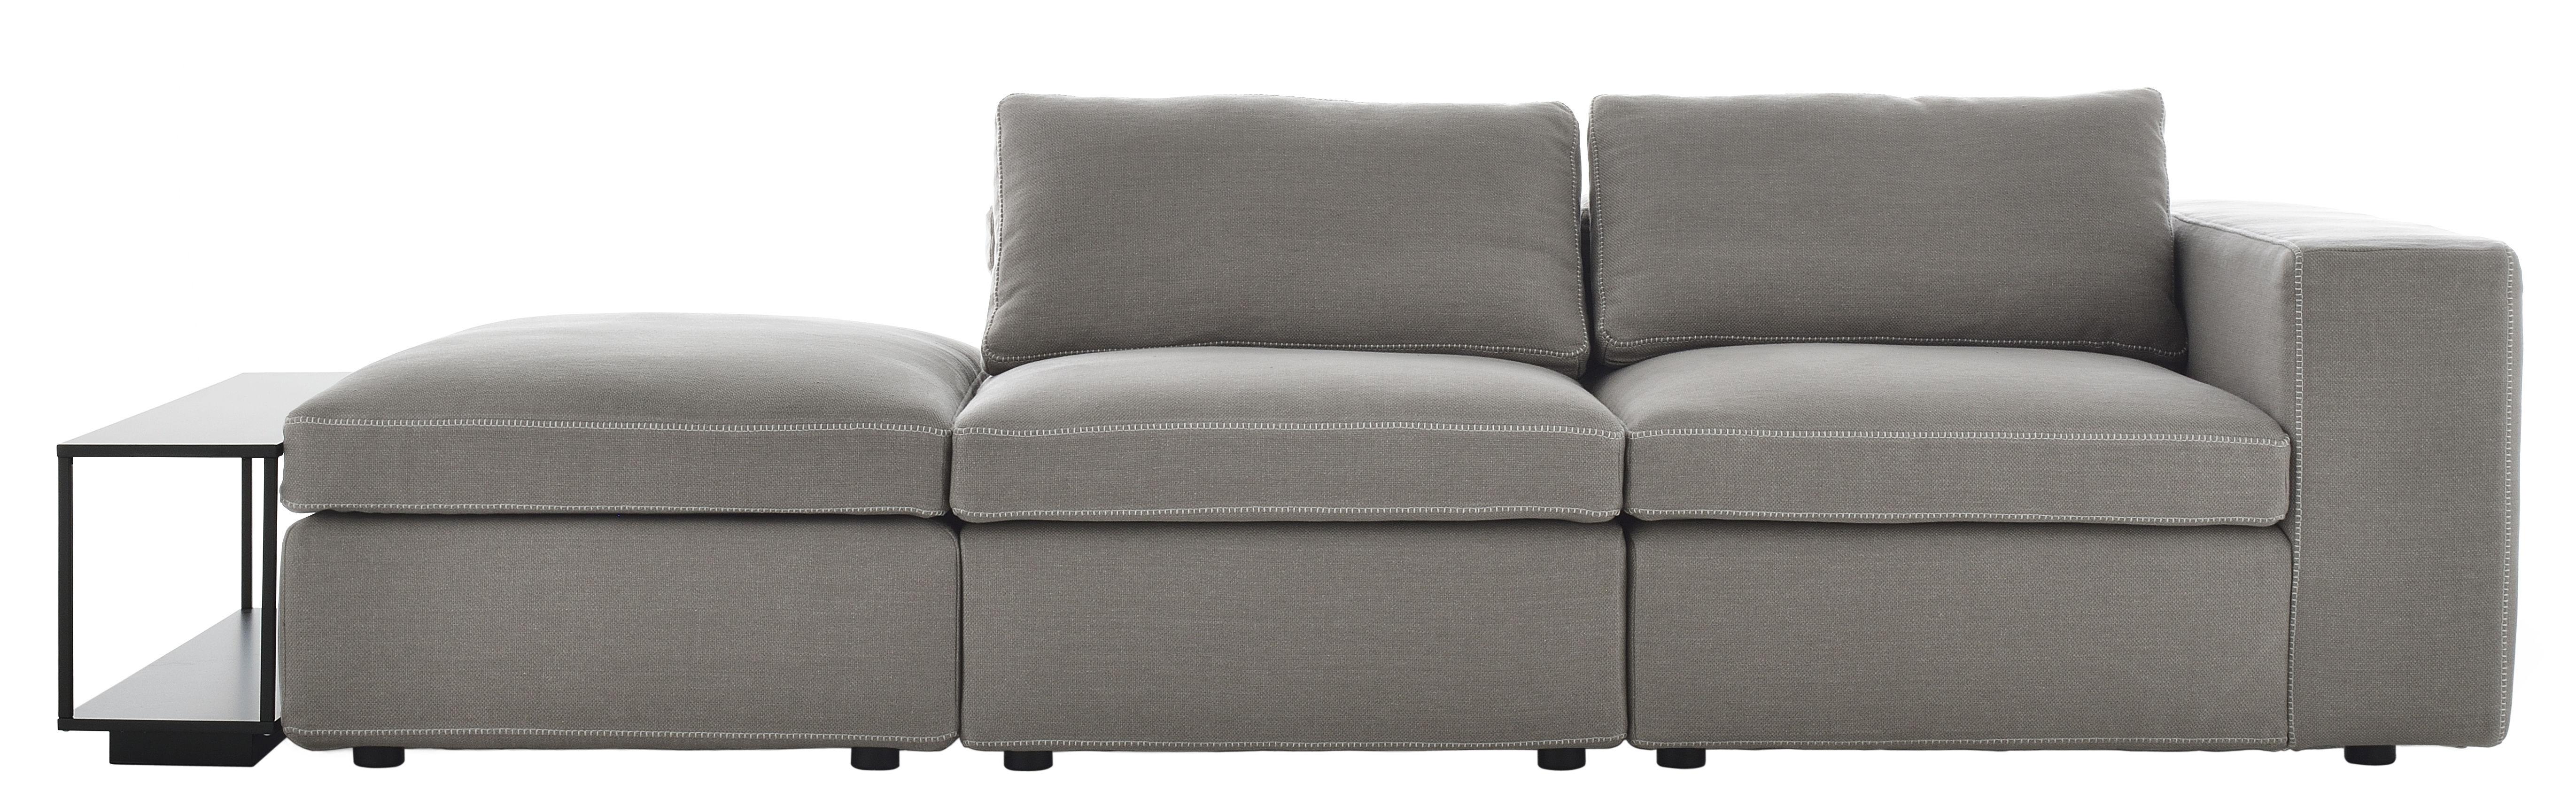 Möbel - Sofas - Grafo Sofa / Kombination: 3 gepolsterte Sitze + 1 Tisch - MDF Italia - Hellgrau / weiße Nähte -  Plumes, Furnier, geschäumtes Polyurhethan, Gewebe, Massivholz